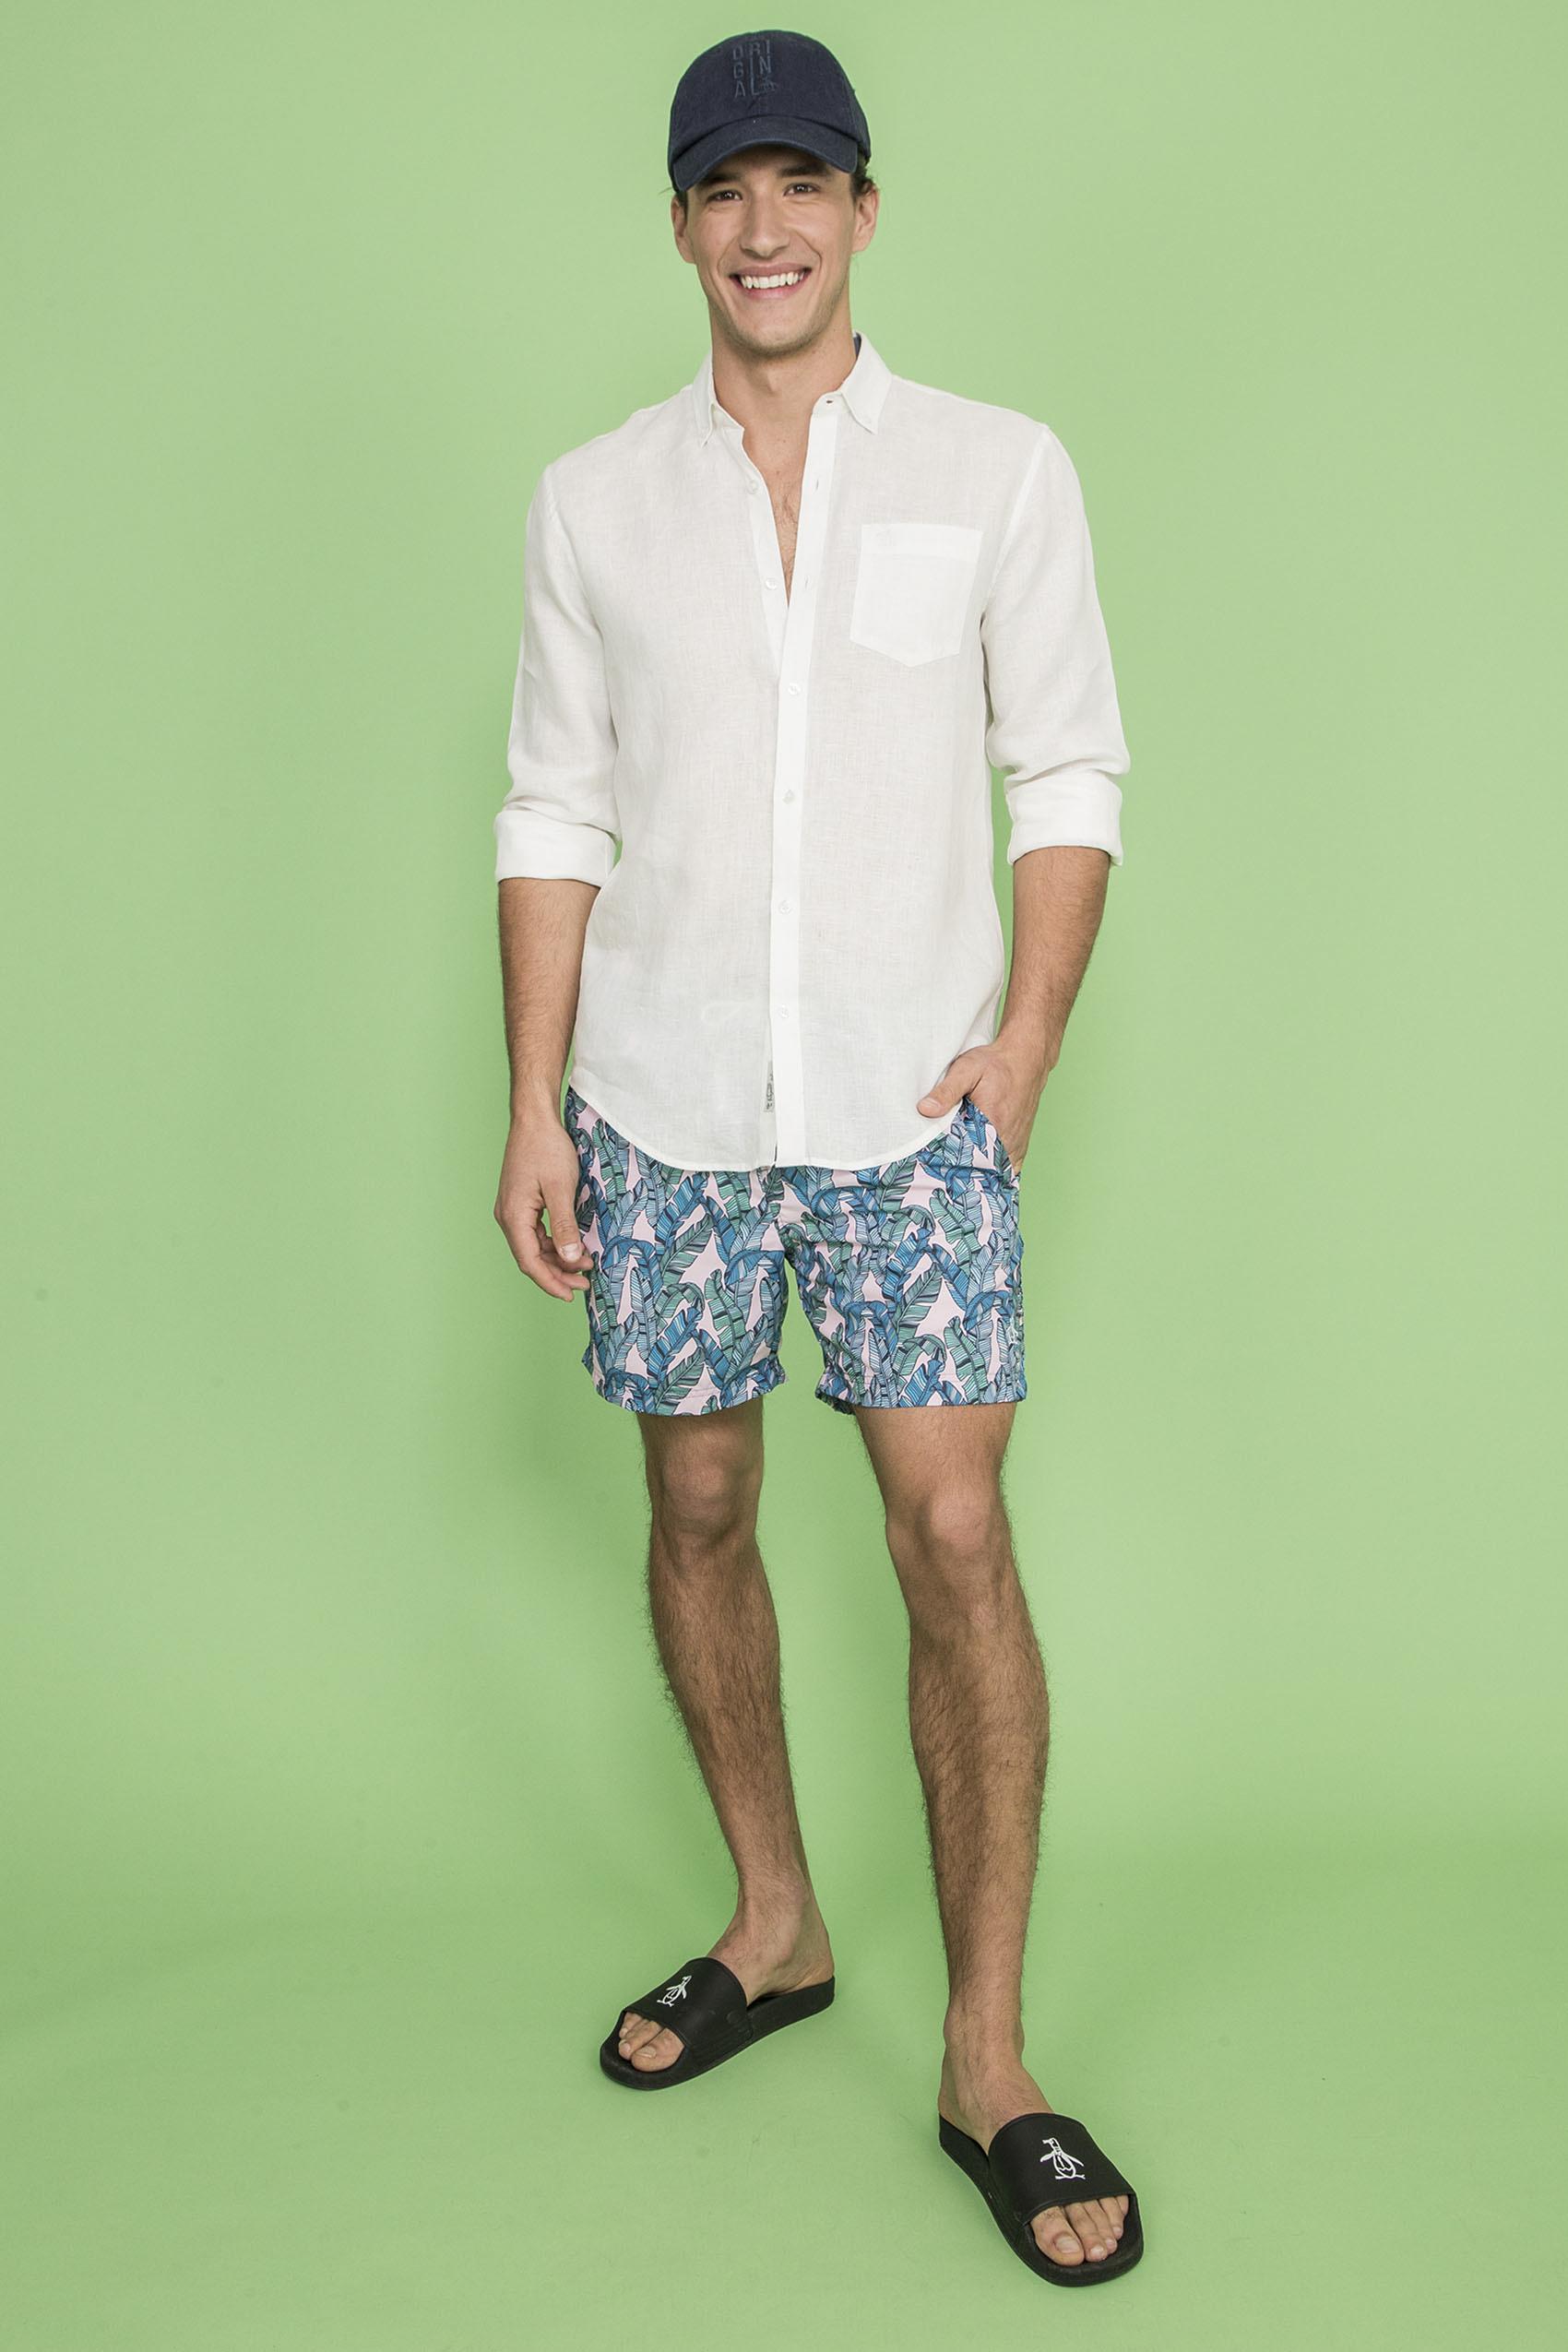 penguin_l/s-core-washed-linen-shirt_32-24-2021__picture-17003